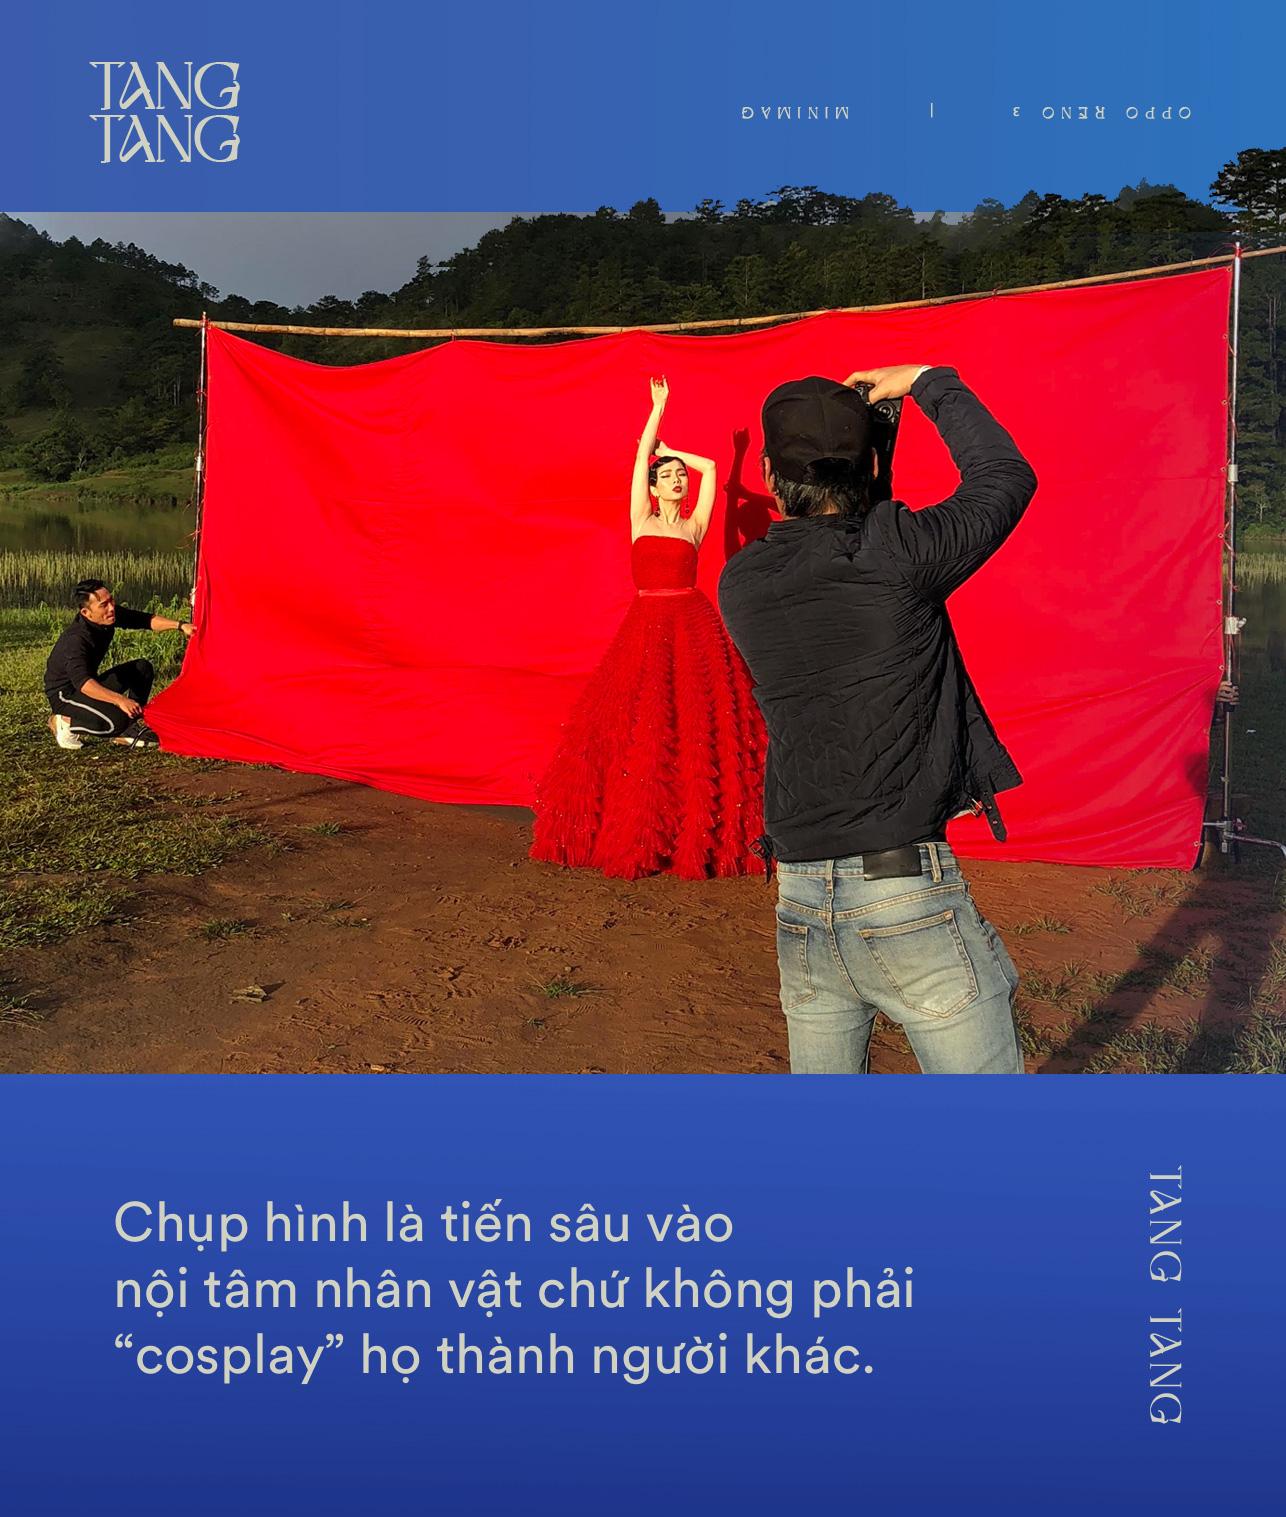 Đi tìm chiều sâu trong từng bức ảnh cùng nhiếp ảnh gia Tang Tang - Ảnh 2.